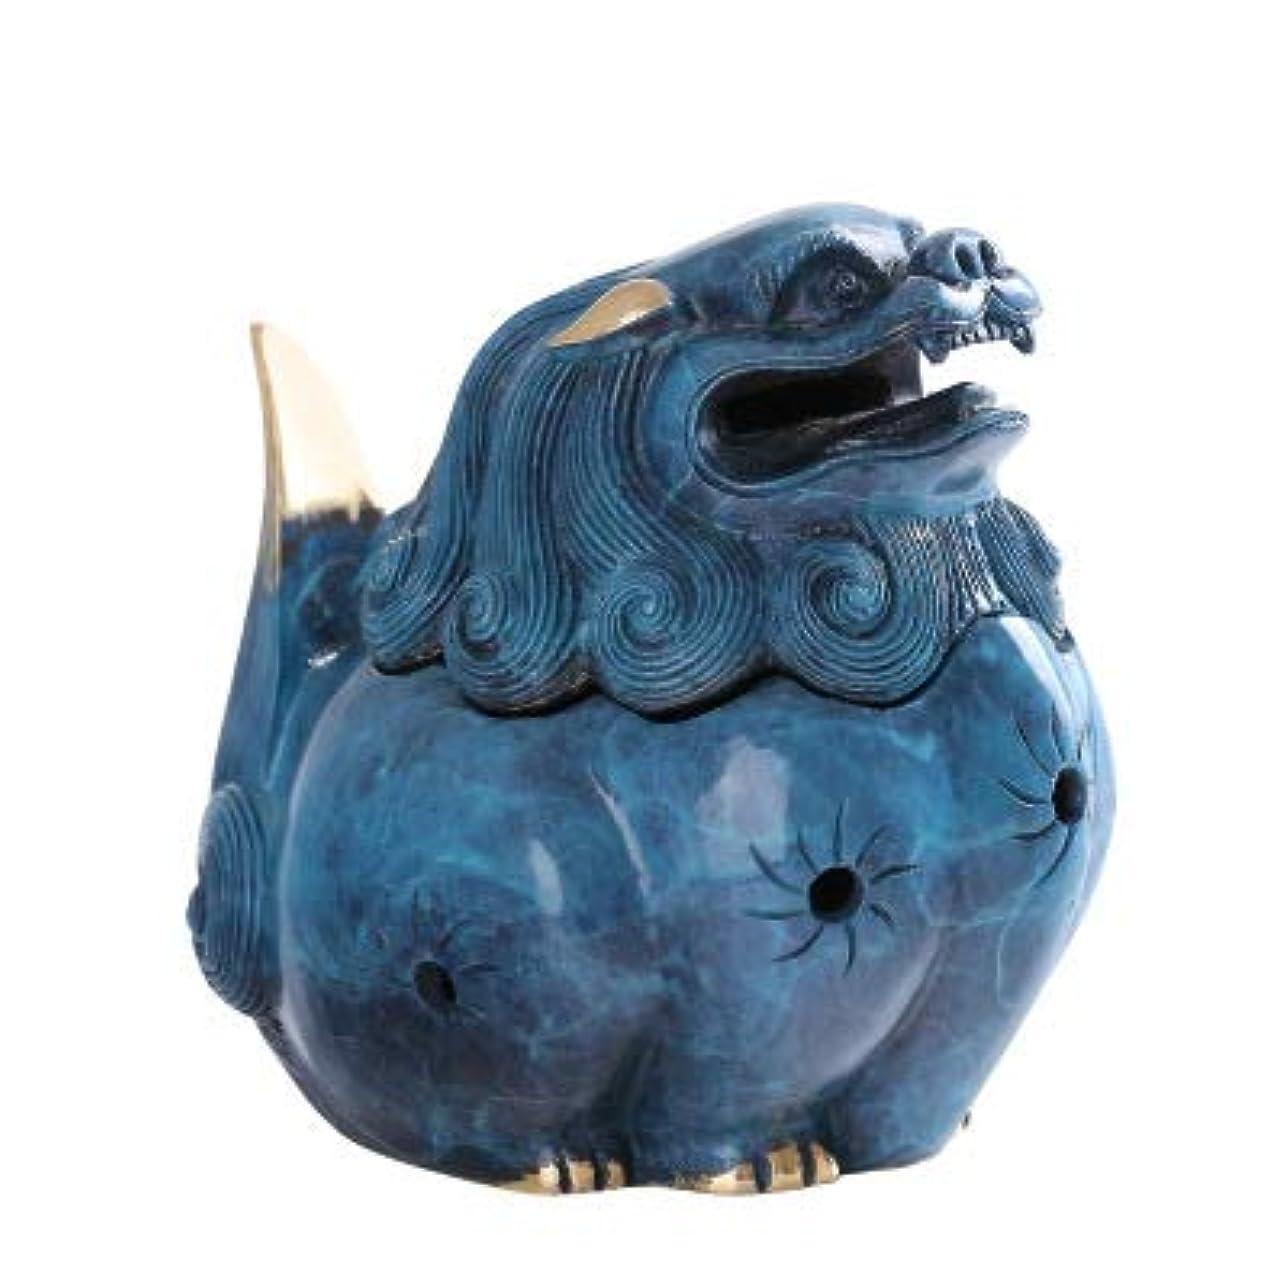 驚くべきあそこ定刻PHILOGOD 陶器香炉 ストーンライオンスタイリング仏壇用香置物 逆流香 倒流香 香皿